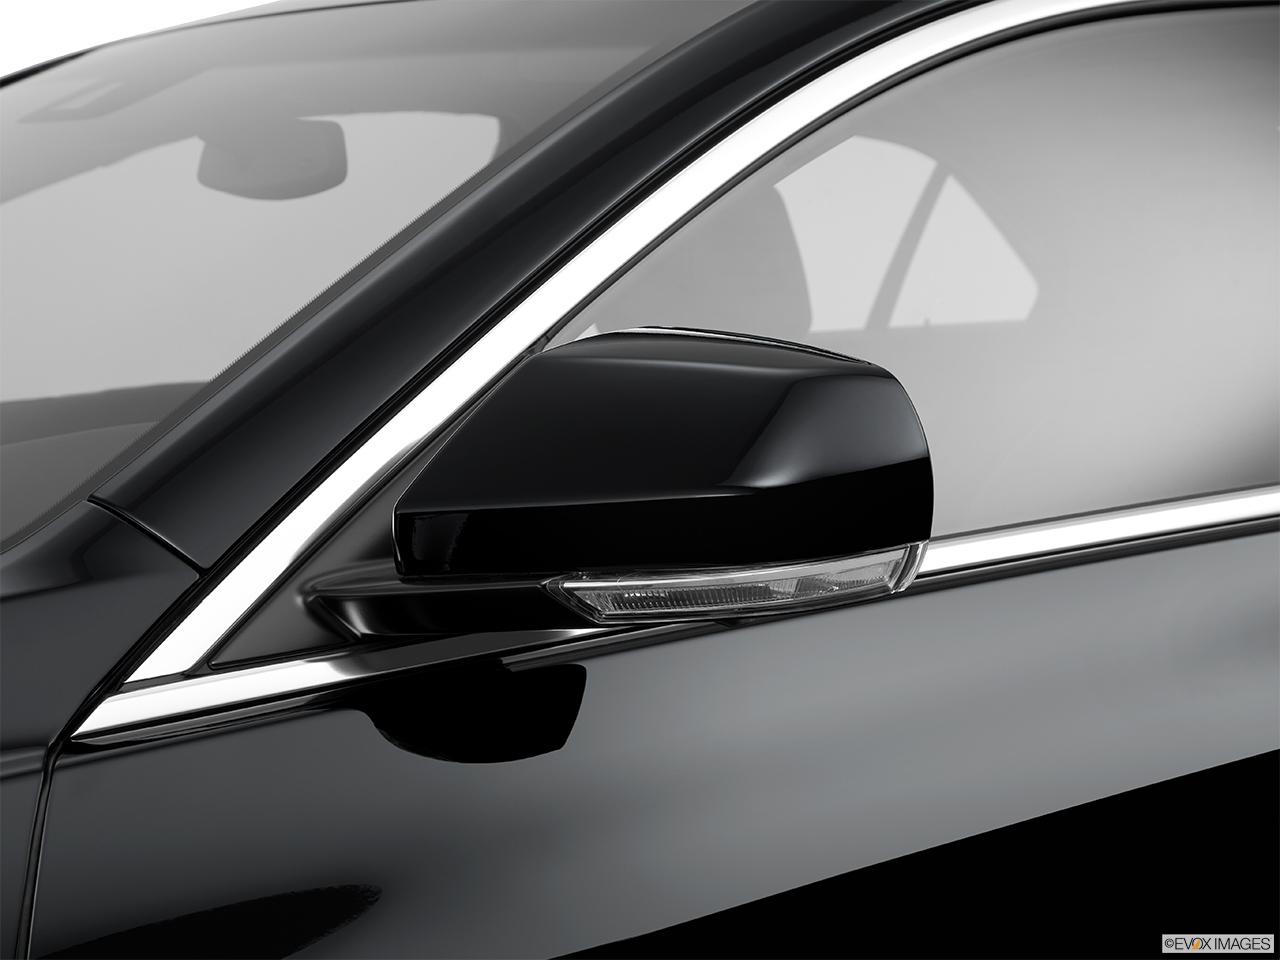 2014 Cadillac Ats Sedan 2 0l Standard Rwd Driver S Side